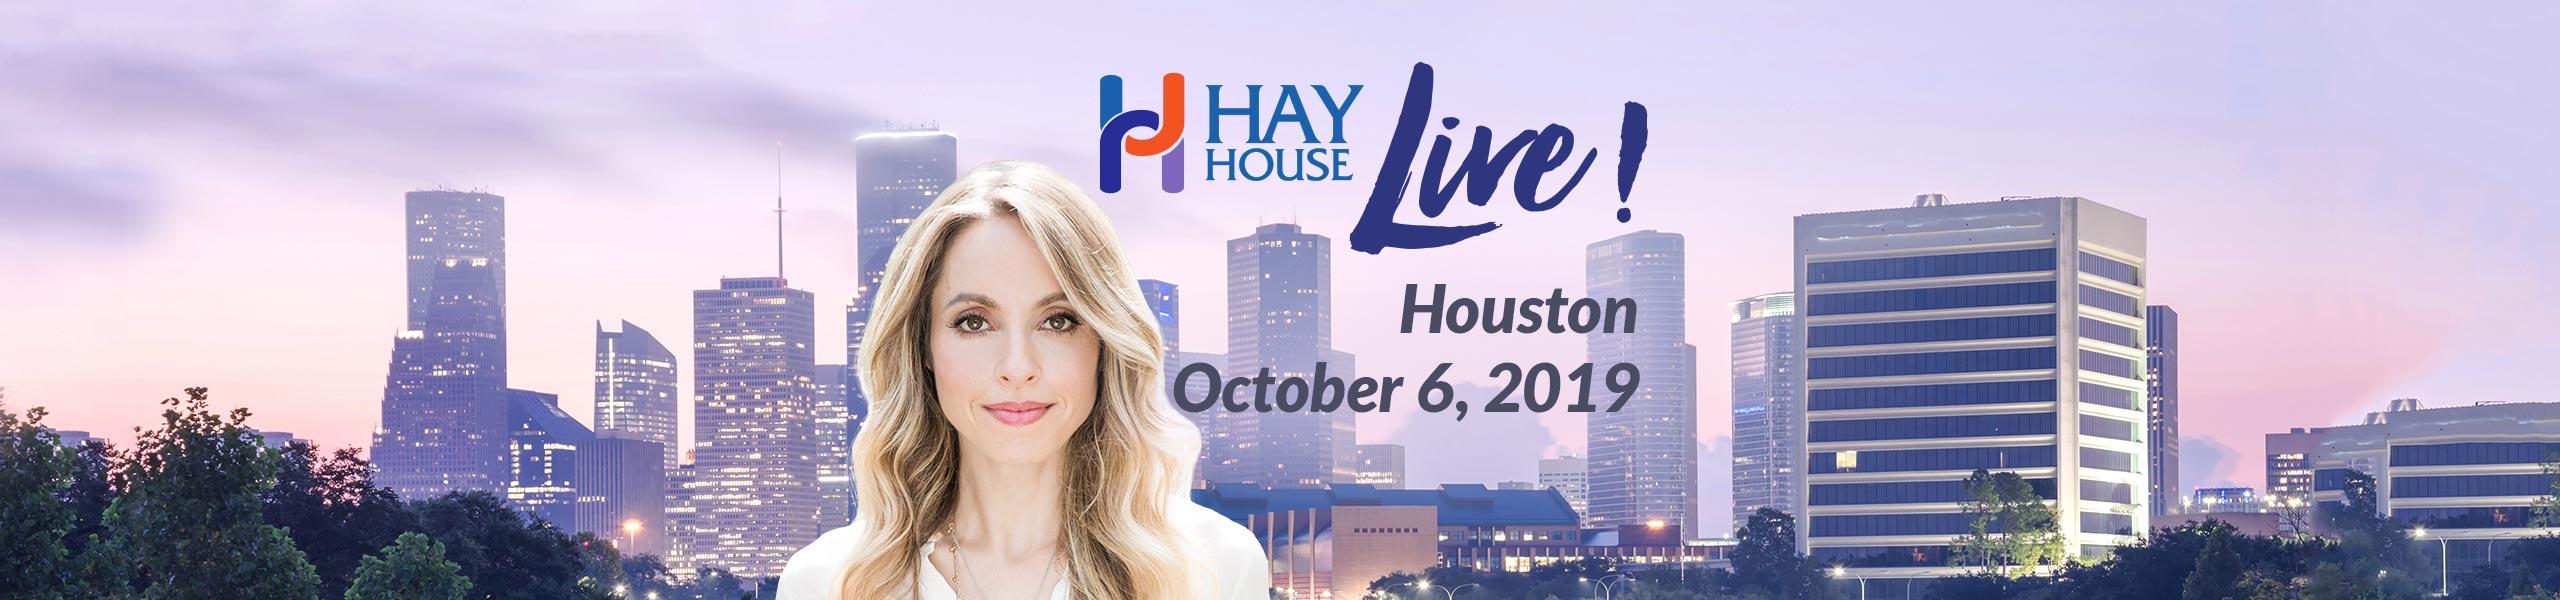 Hay House Live! Houston 2019 - Gabrielle Bernstein